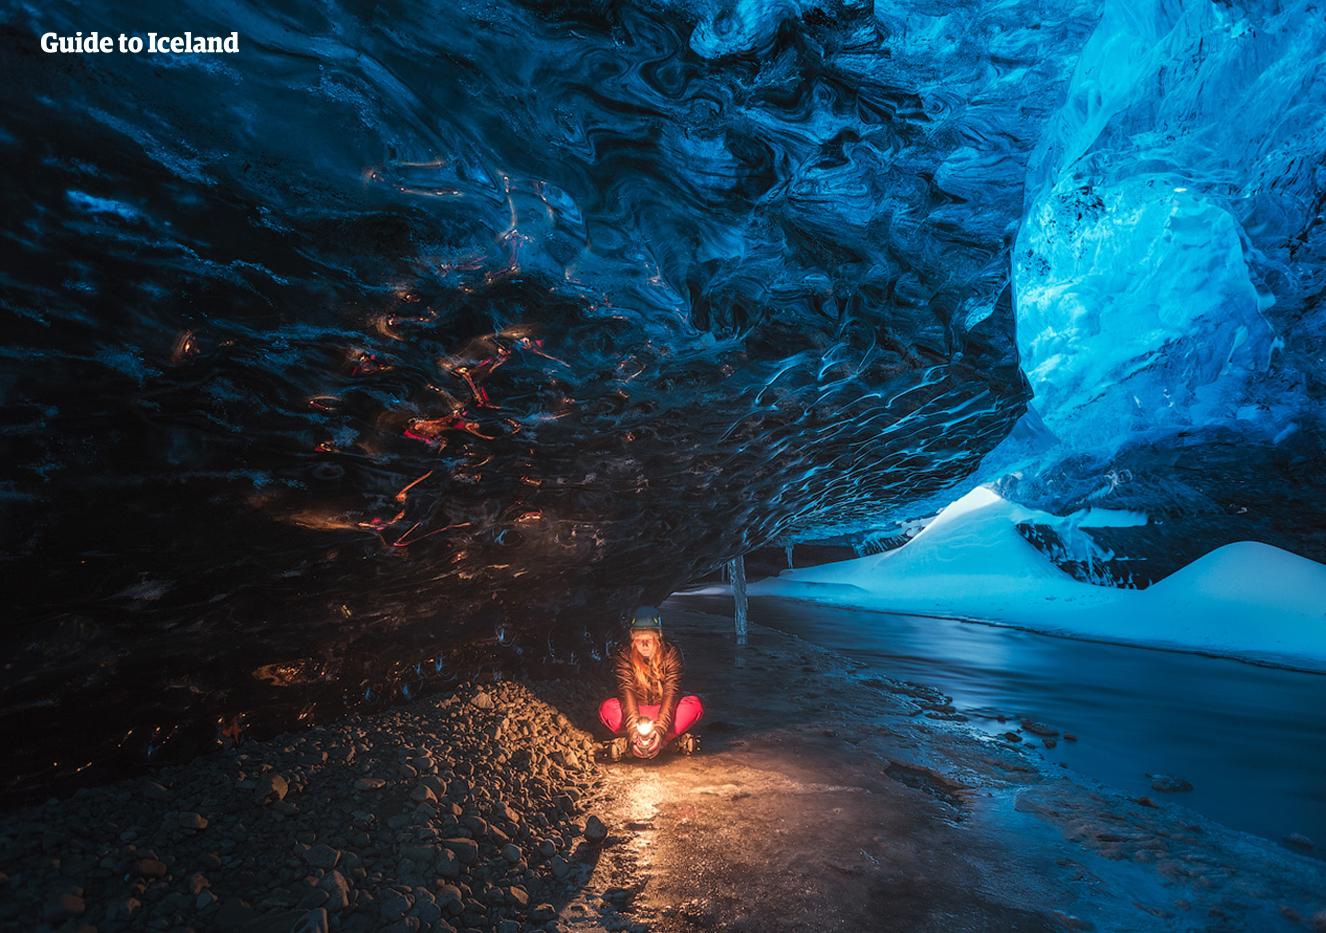 Isgrotteutforsking er en unik opplevelse som bare er tilgjengelig mellom november og mars.